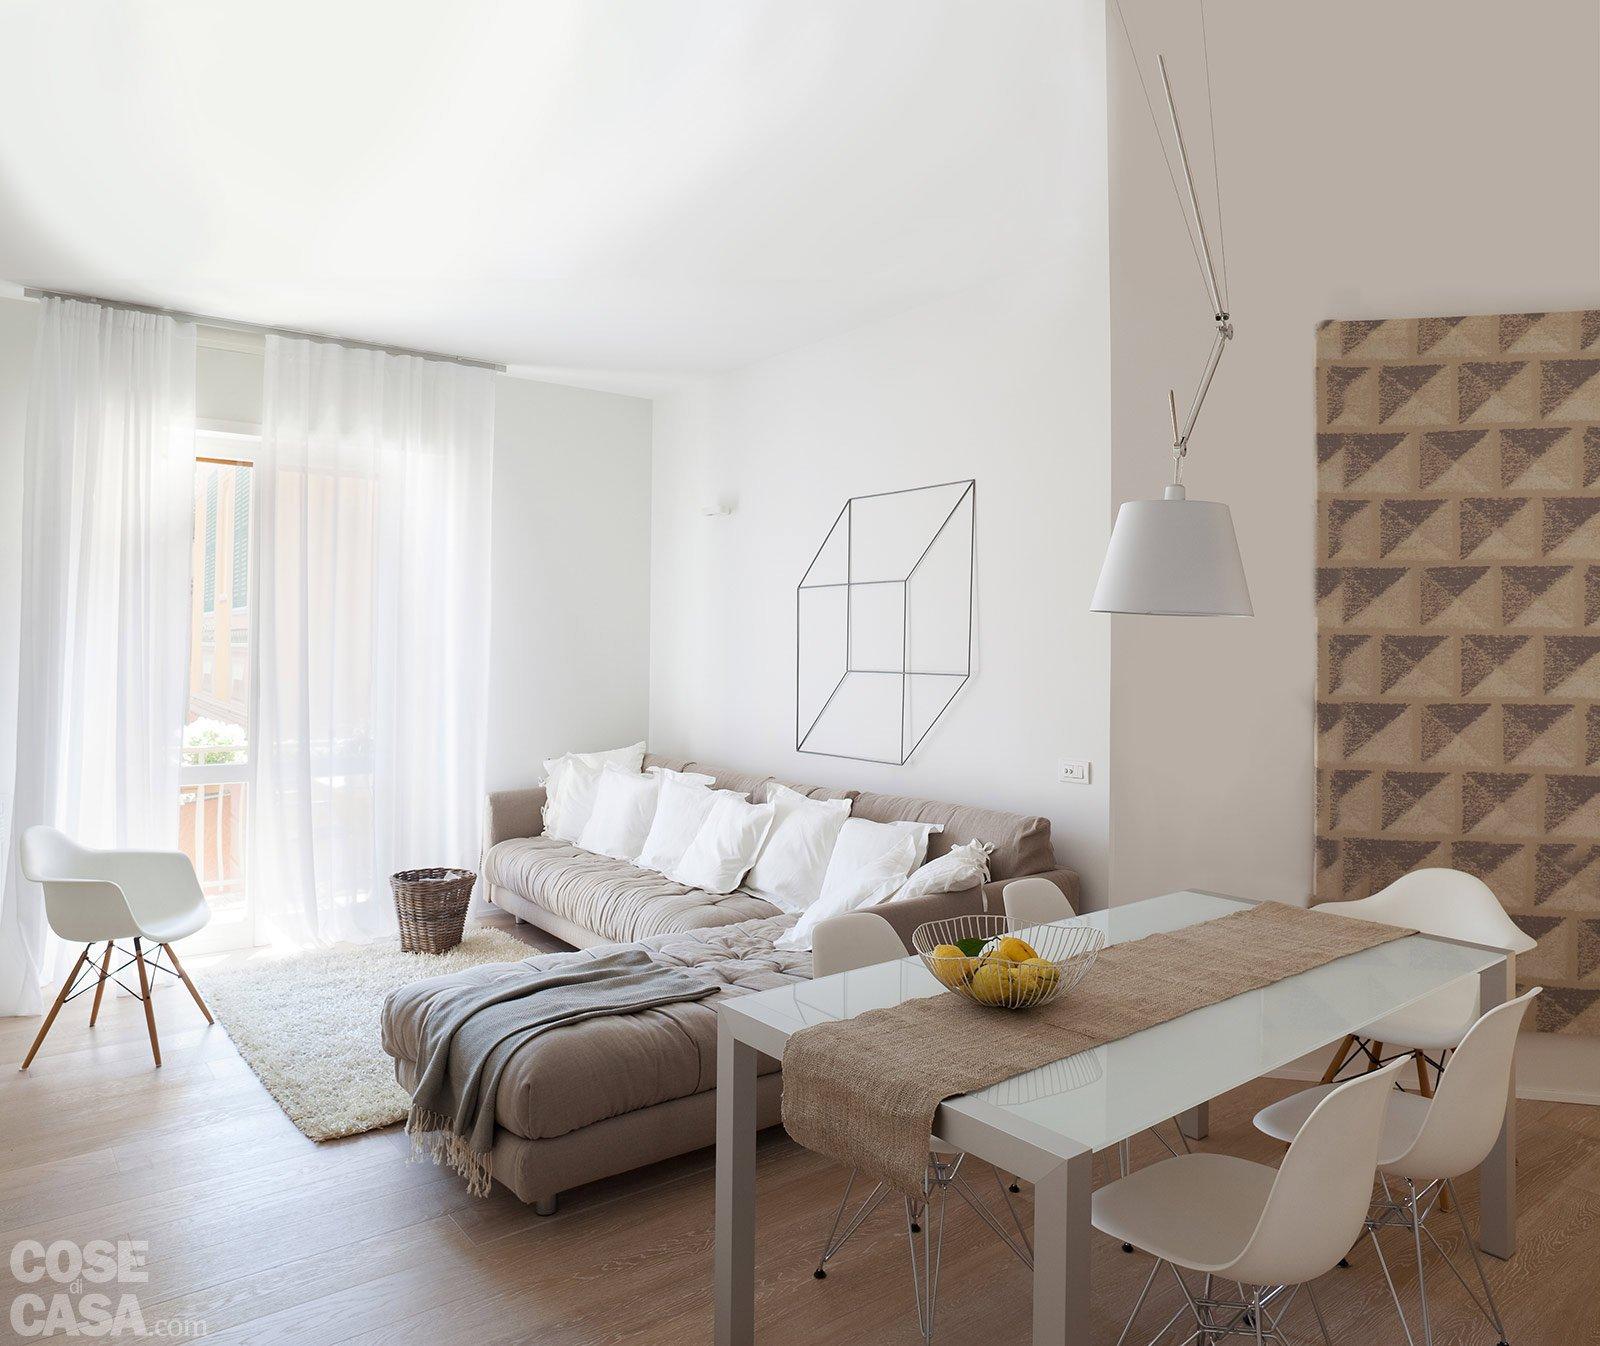 75 Mq: 10 Idee Per Far Sembrare Più Grande La Casa Cose Di Casa #634C3E 1600 1346 Come Disporre Il Tavolo Da Pranzo